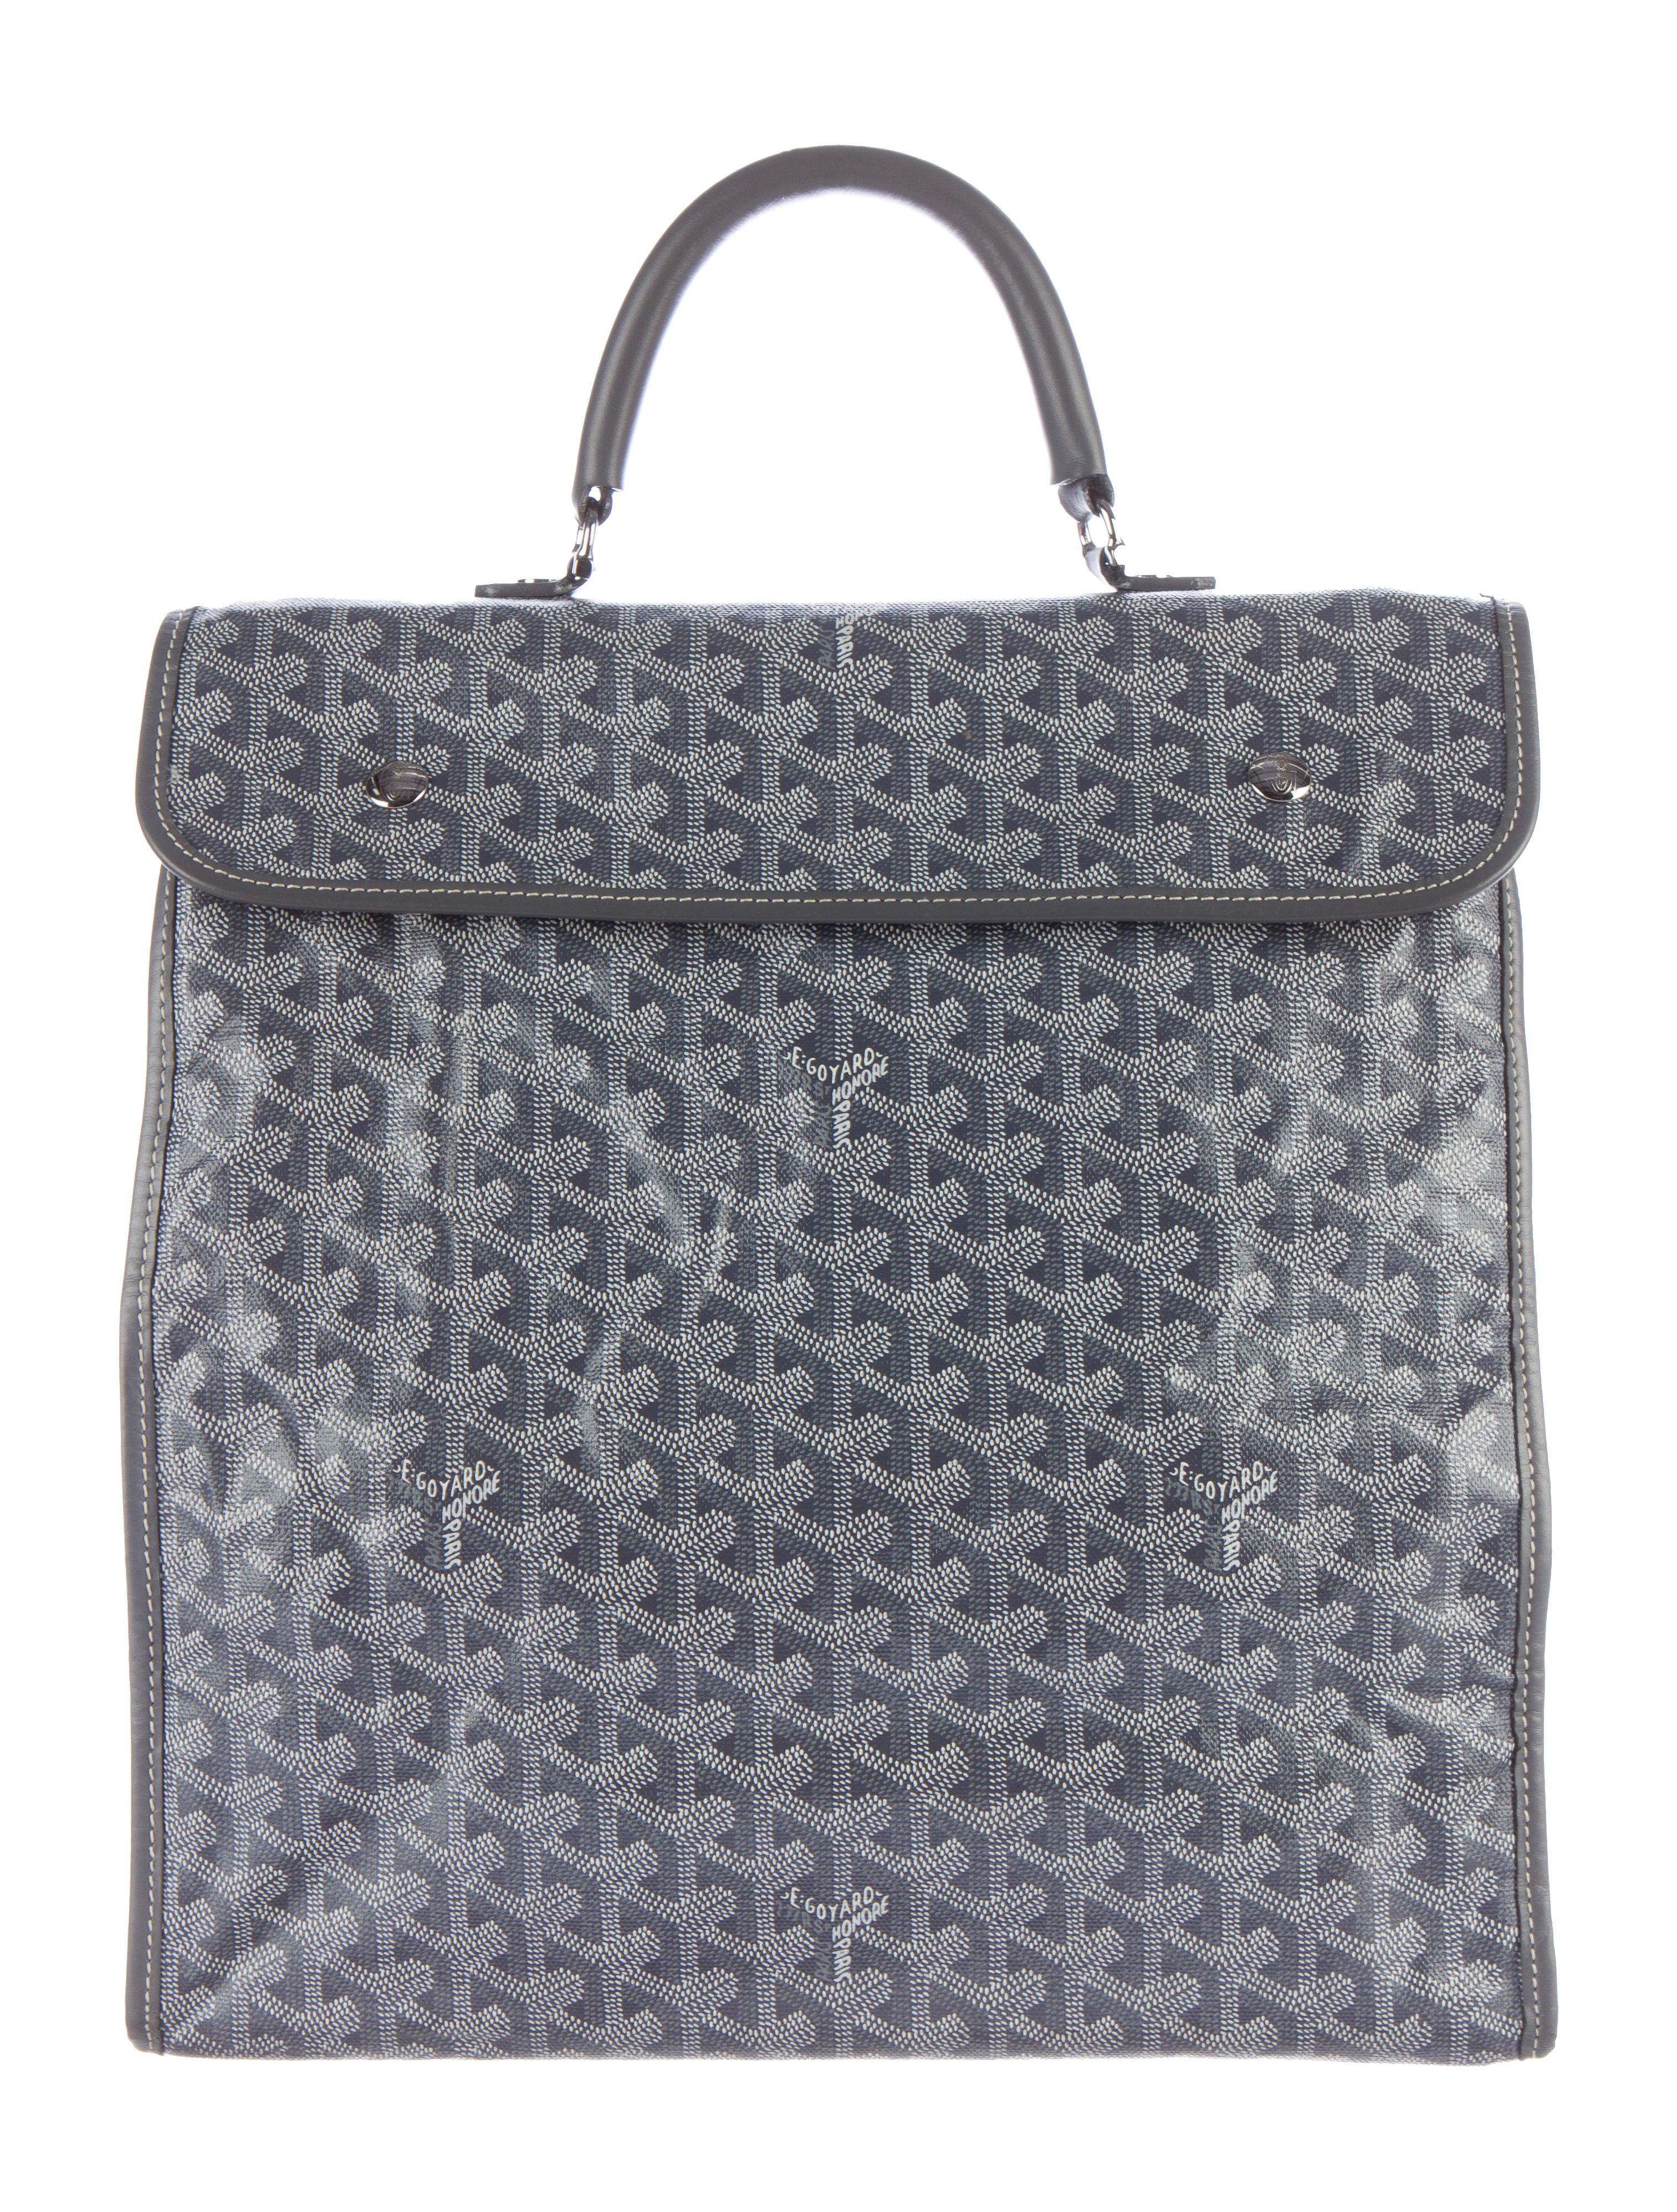 Goyard Goyardine Sainte Lucie Folding Bag - Handbags - GOY21177 ...